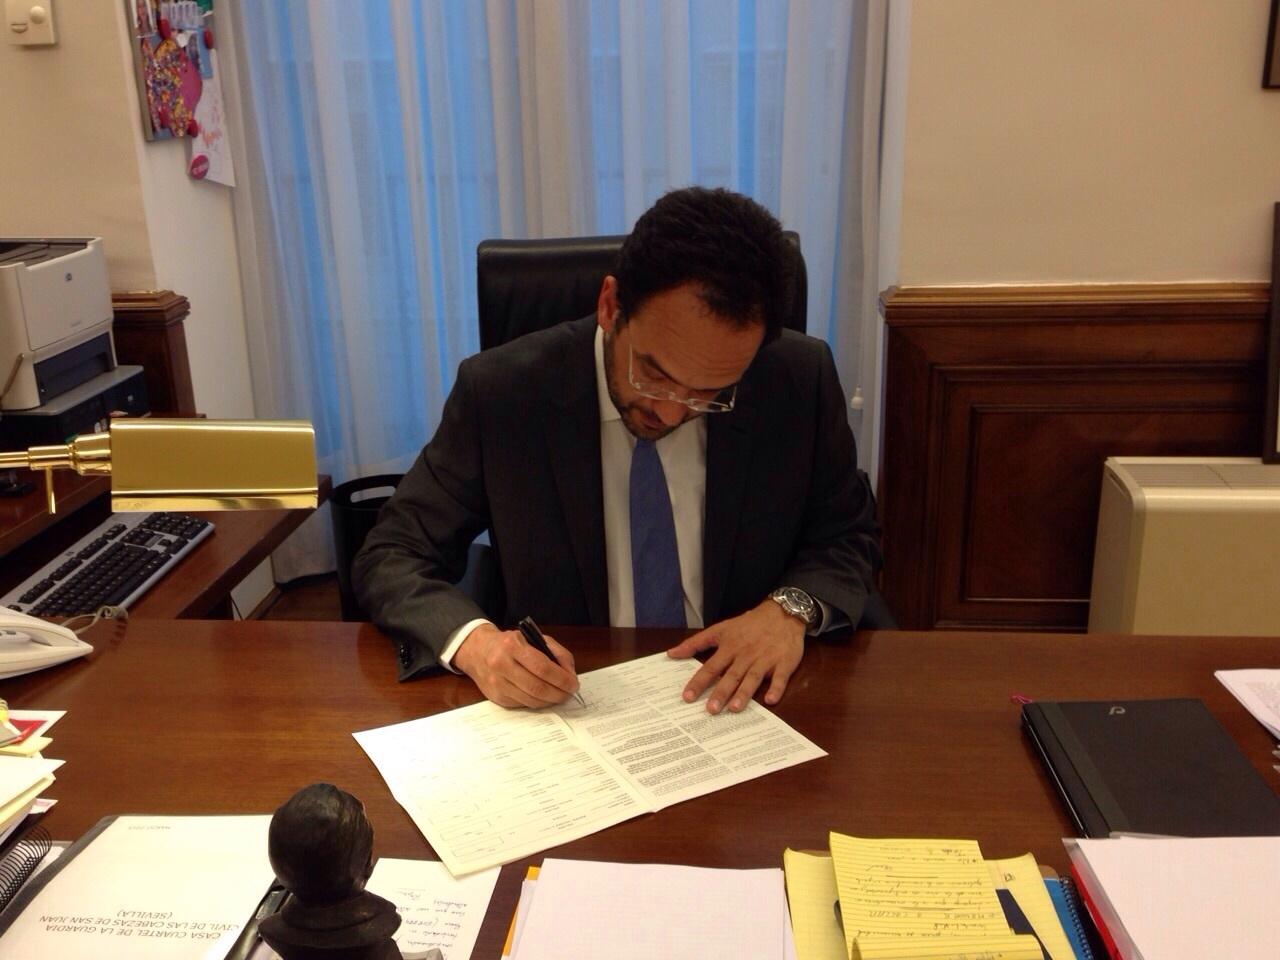 El portavoz del PSOE en el Congreso, Antonio Hernando, se suma a la campaña del CERMI contra el copago confiscatorio